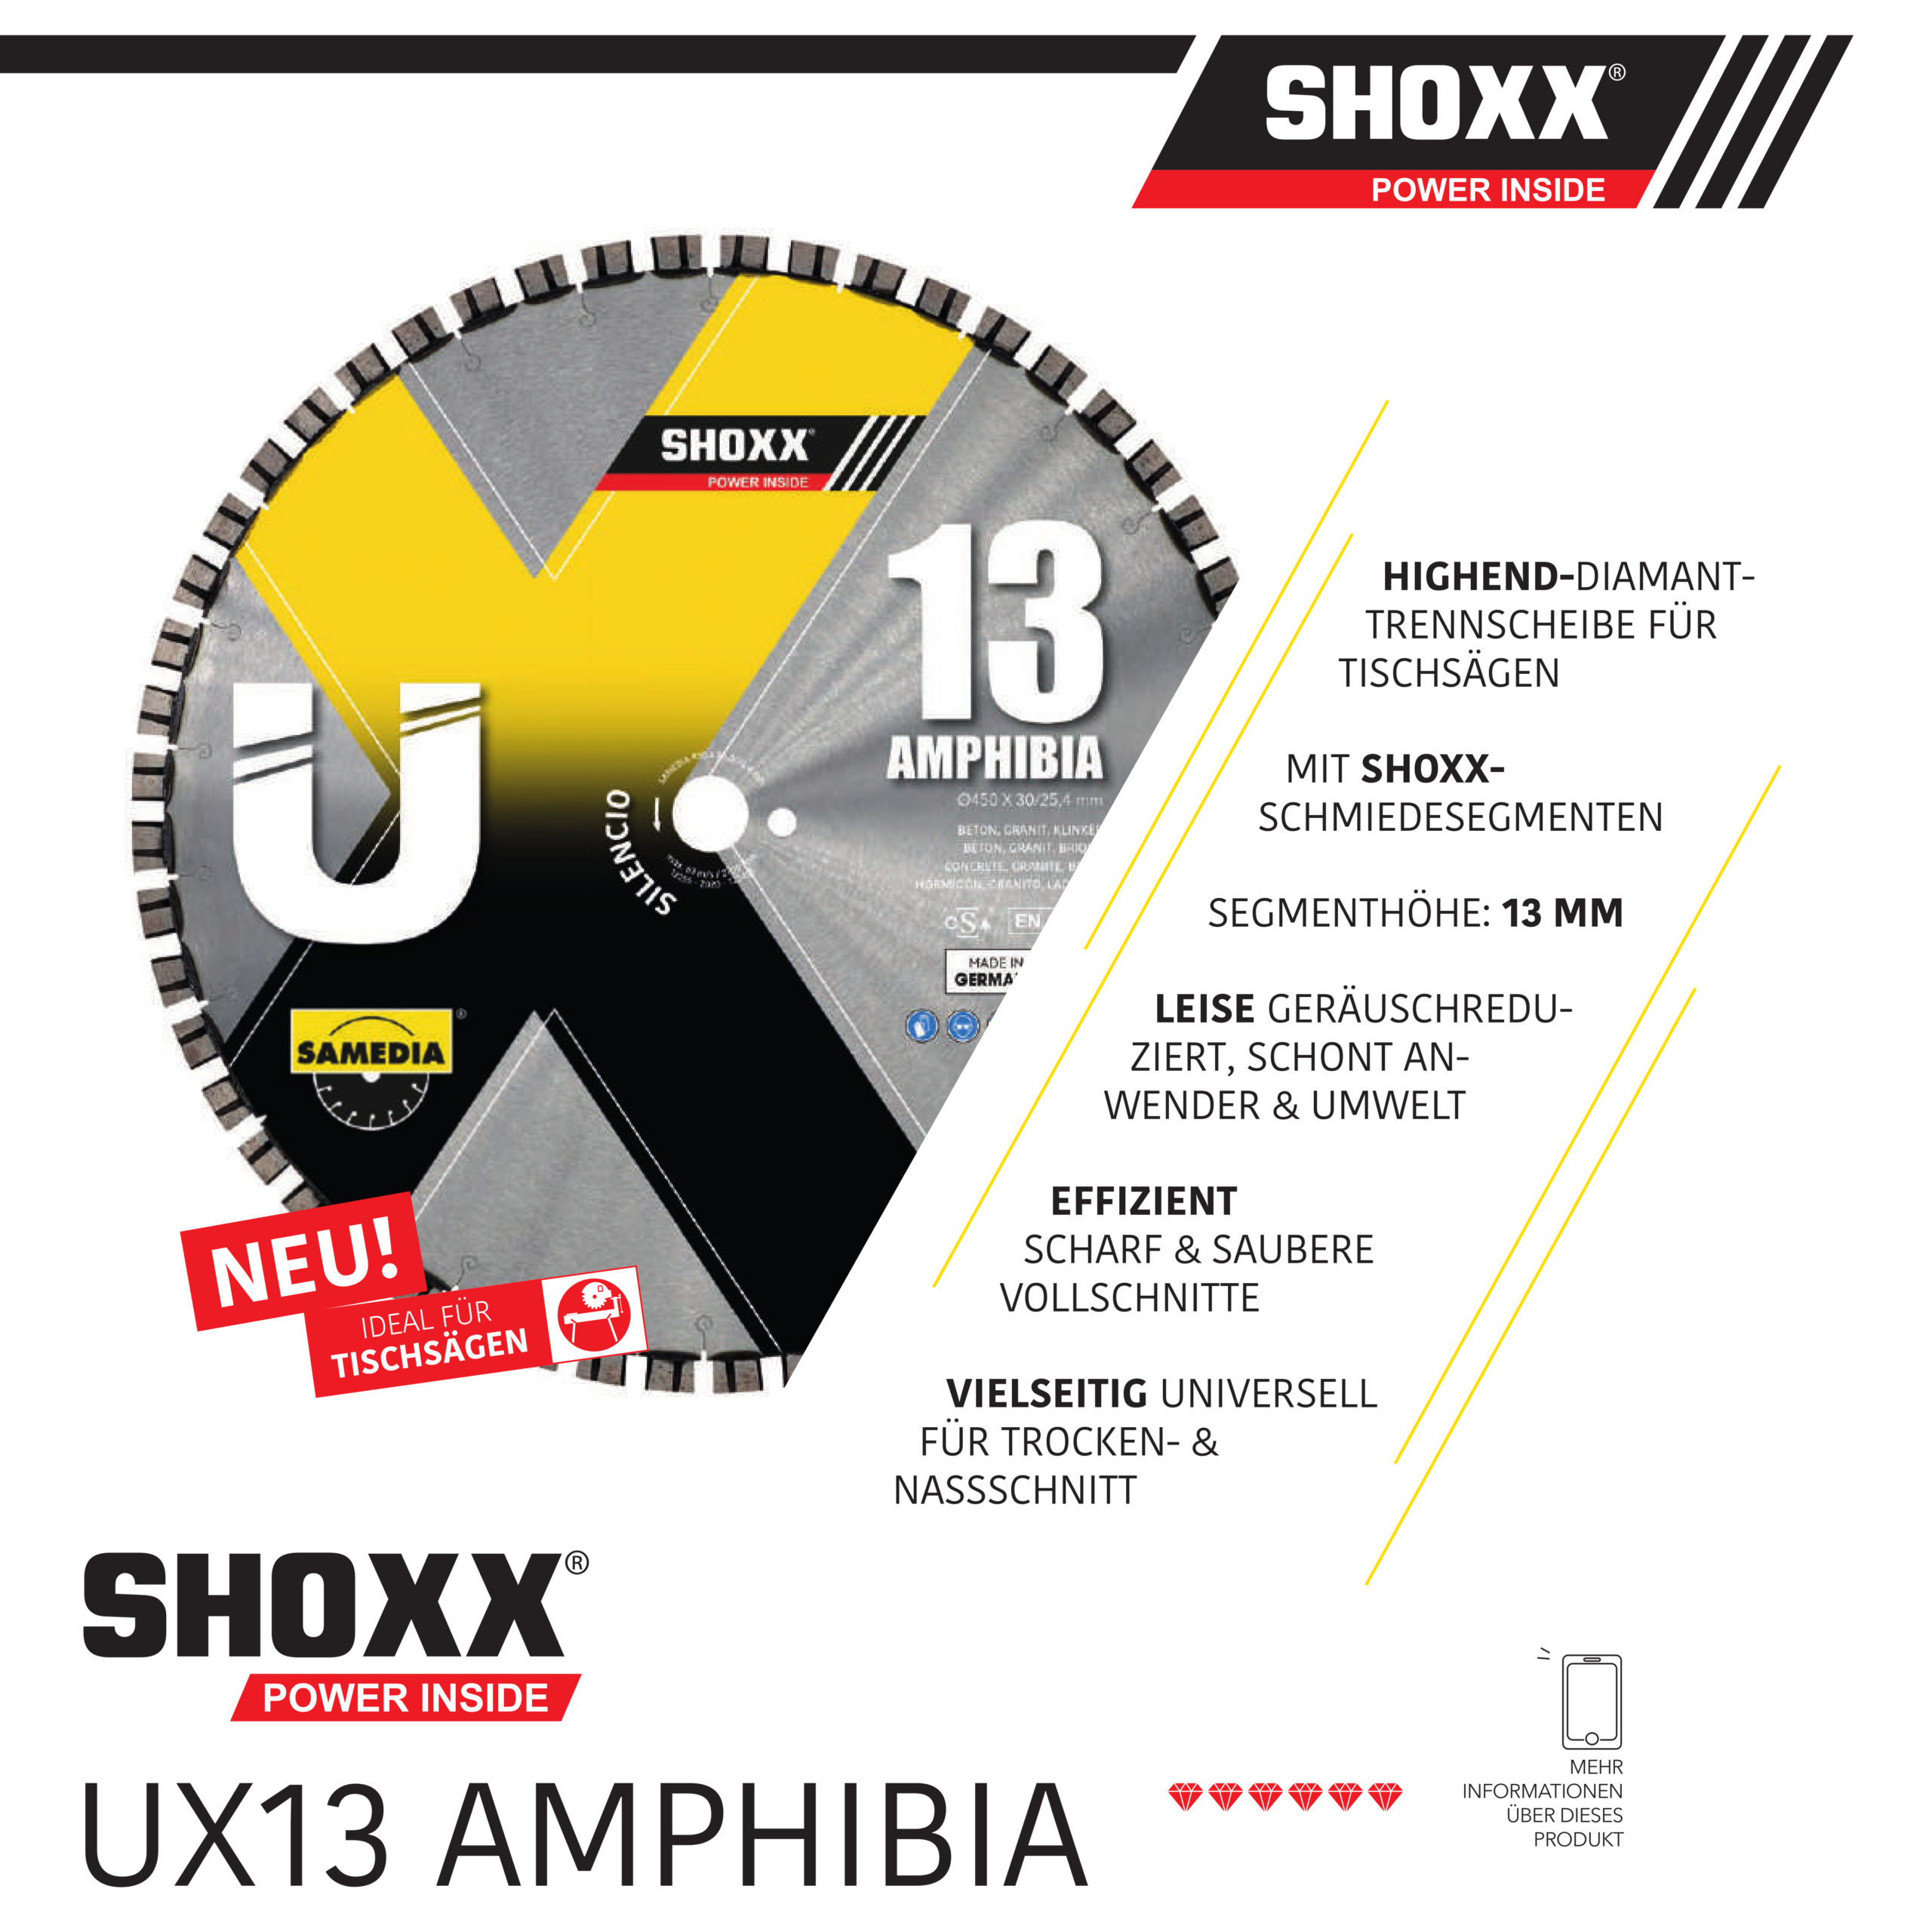 SAMEDIA Diamanttrennscheibe für Tischsägen UX13 Amphibia für Betonerzeugnisse - Nass- und Trockenschnitt!